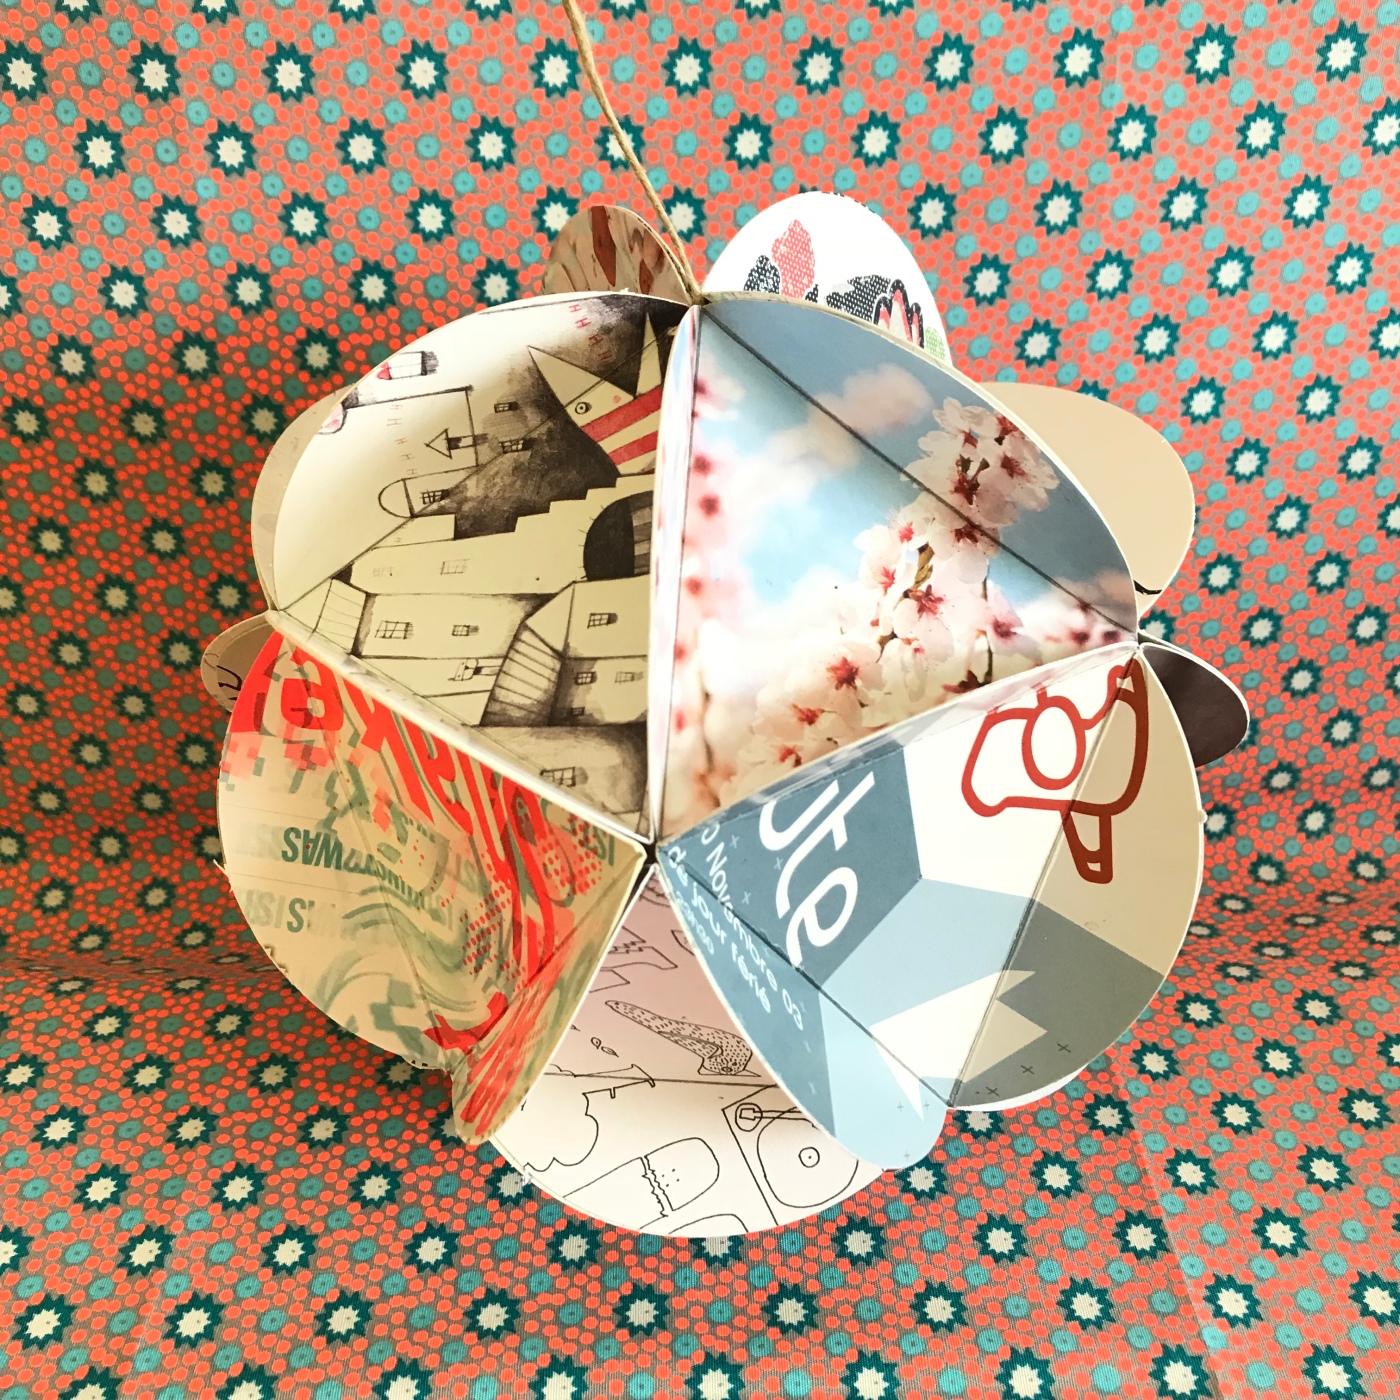 Mobile- flyer recyclage papier origami craft bricolage enfant DIY Image à la une